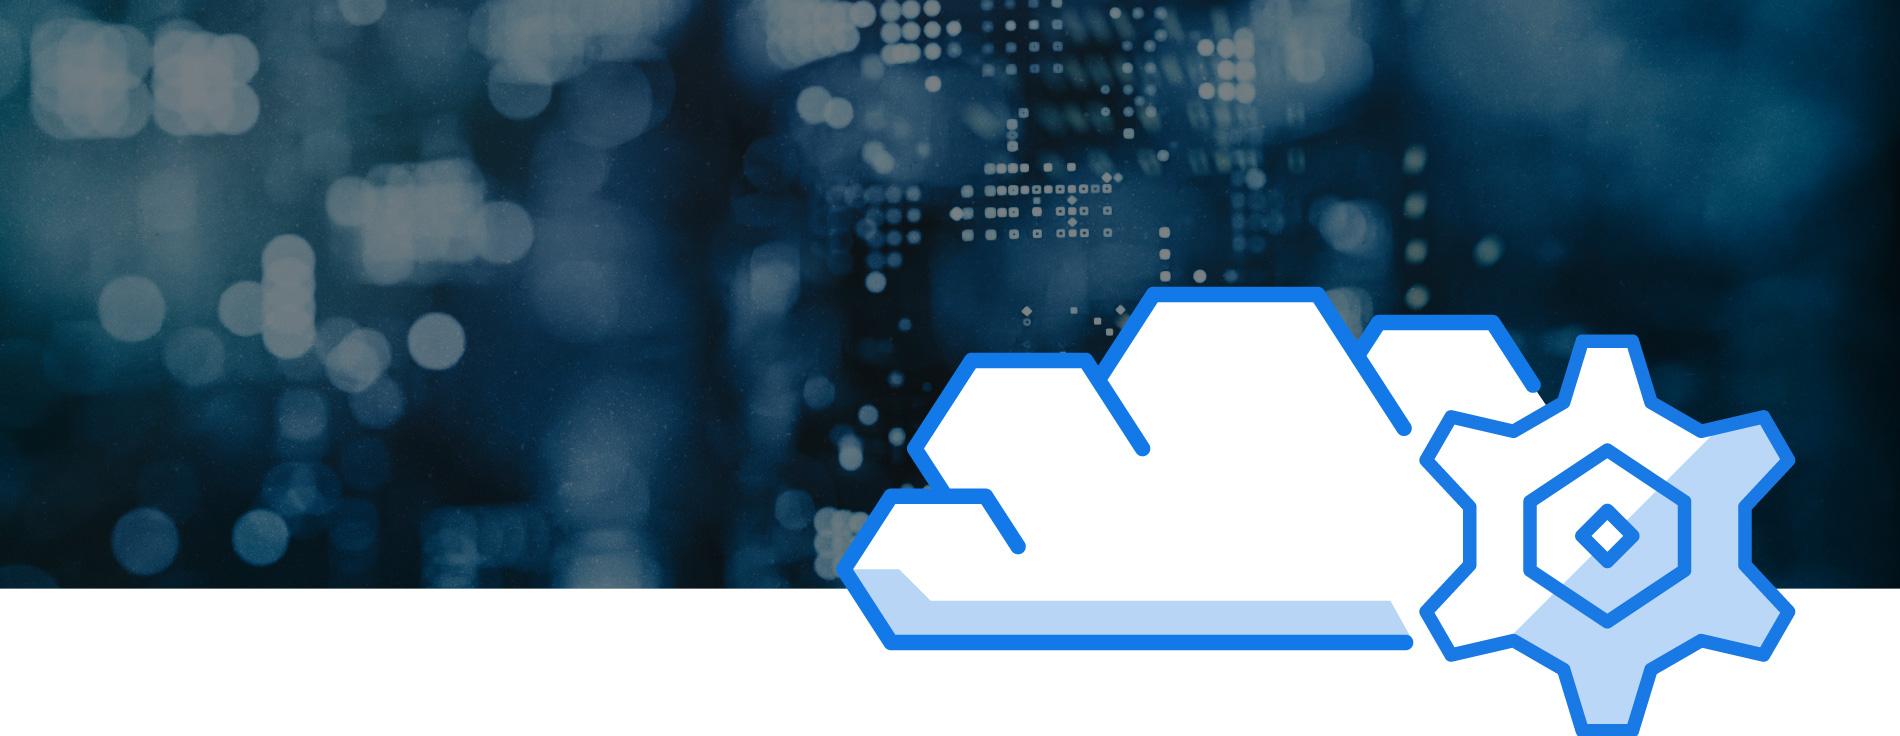 201116-NavVis-cloud-pocessing-blogpost-header-1